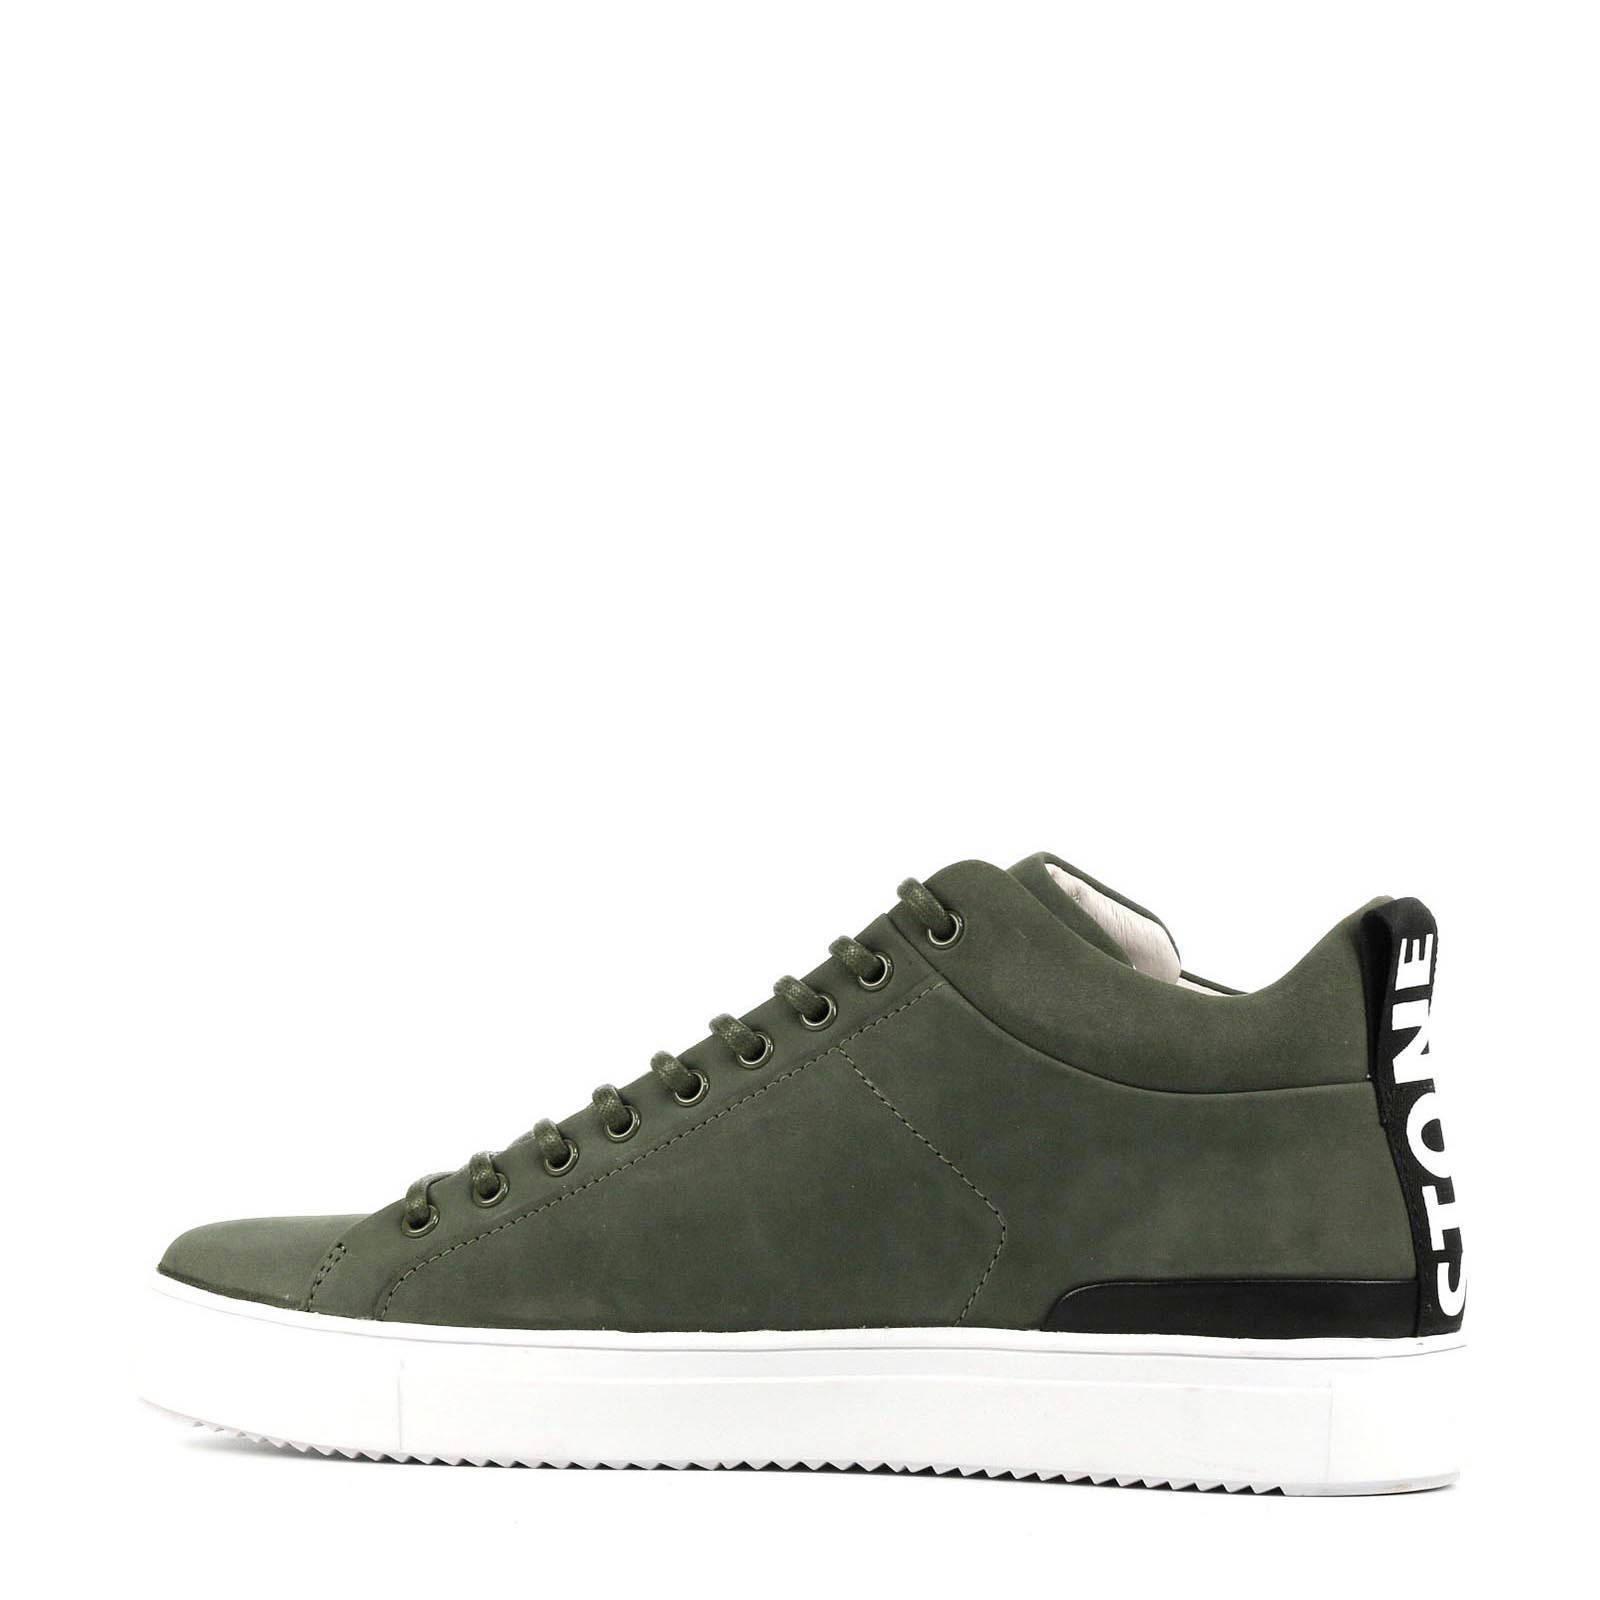 RM14nb halfhoge nubuck sneakers